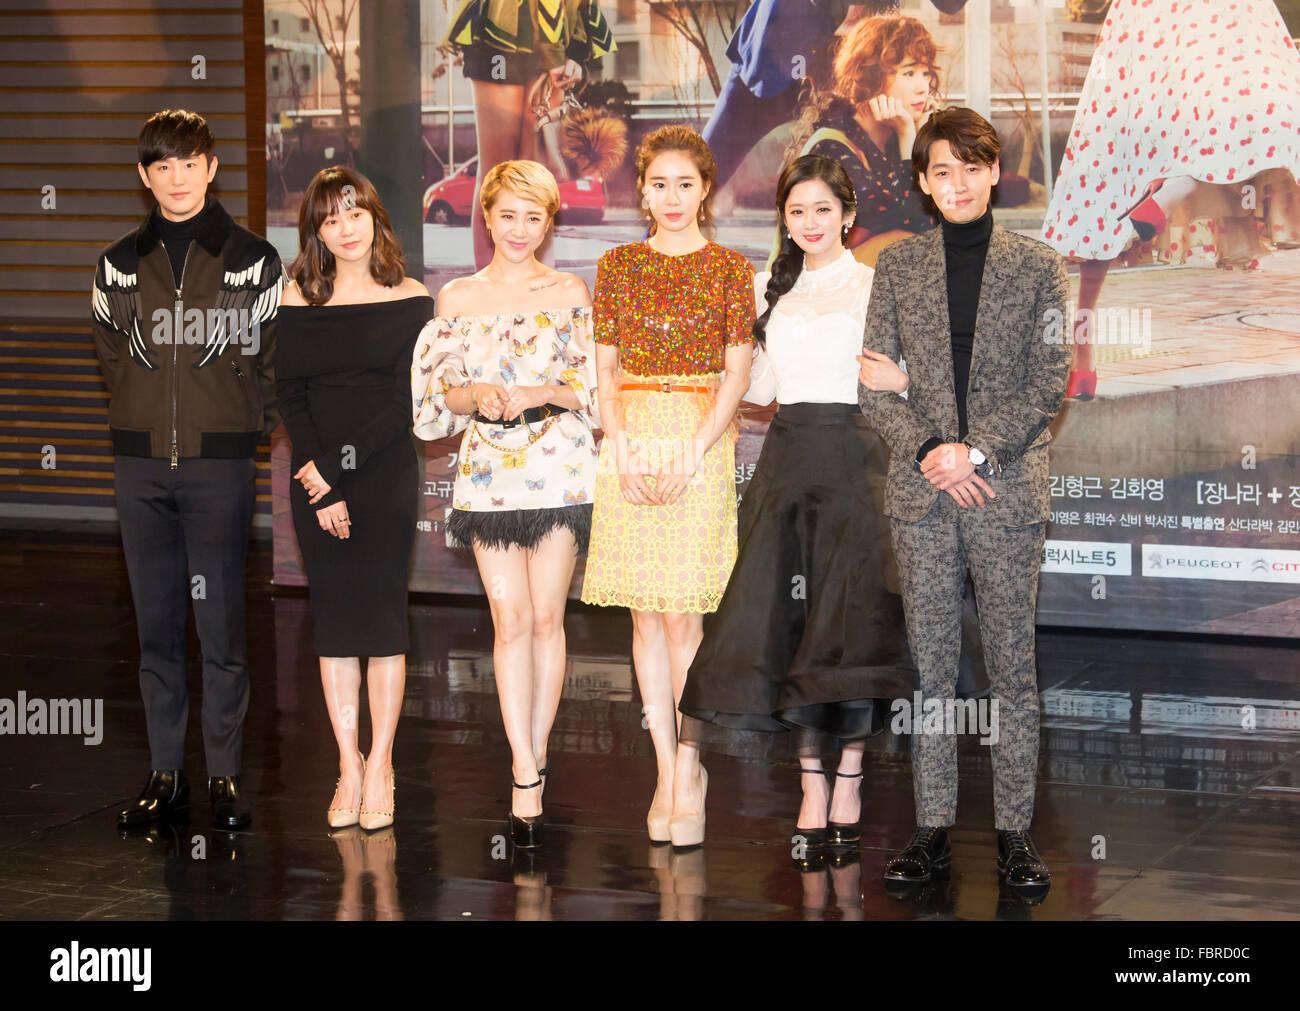 Kwon Yool, Yoo Da-In, Seo In-Young, Yoo In-Na, Jang Na-ra